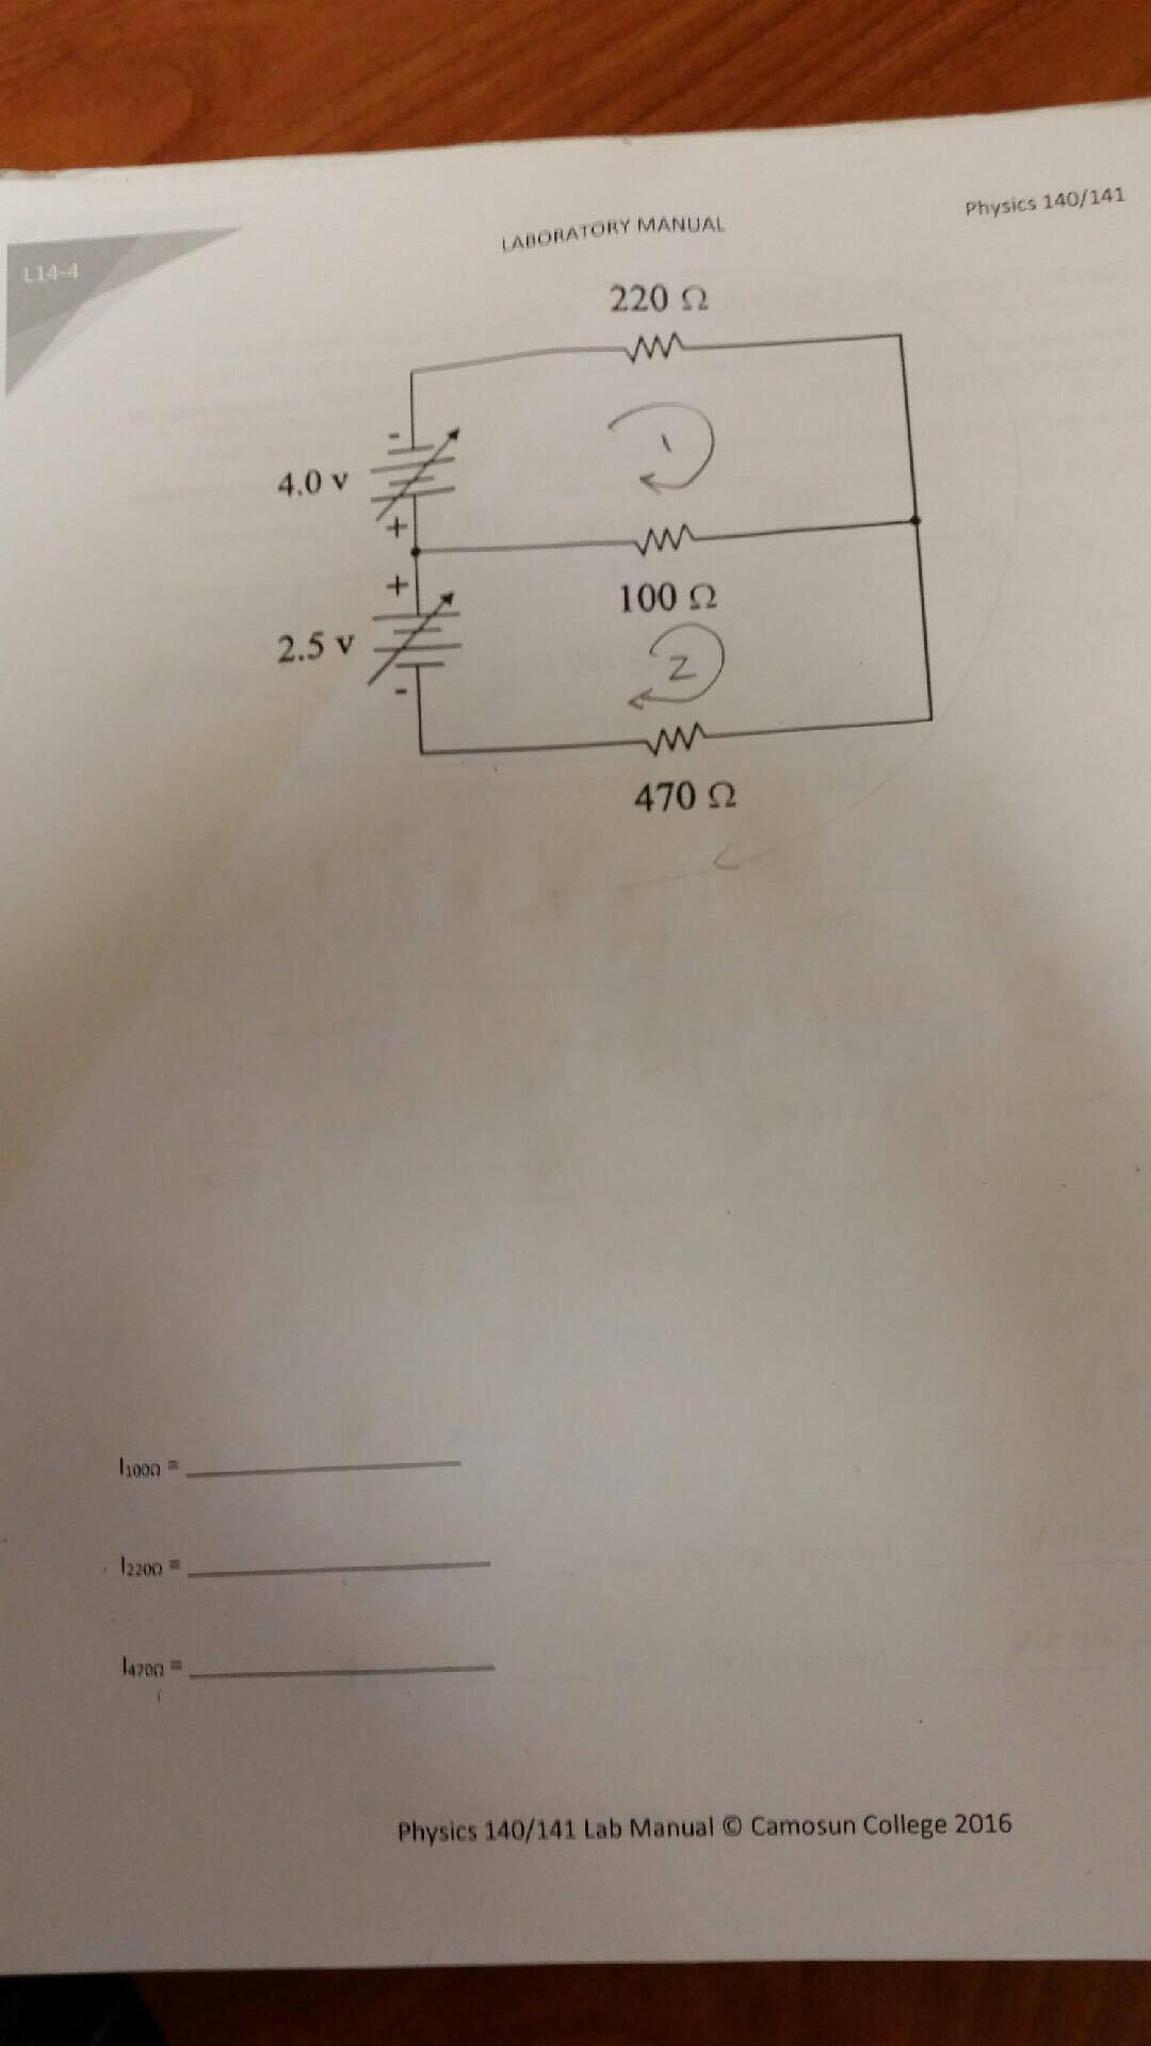 Physics 140/141 LABORATORY MANUAL し14-4 220 Ω 4.0 V 100 Ω